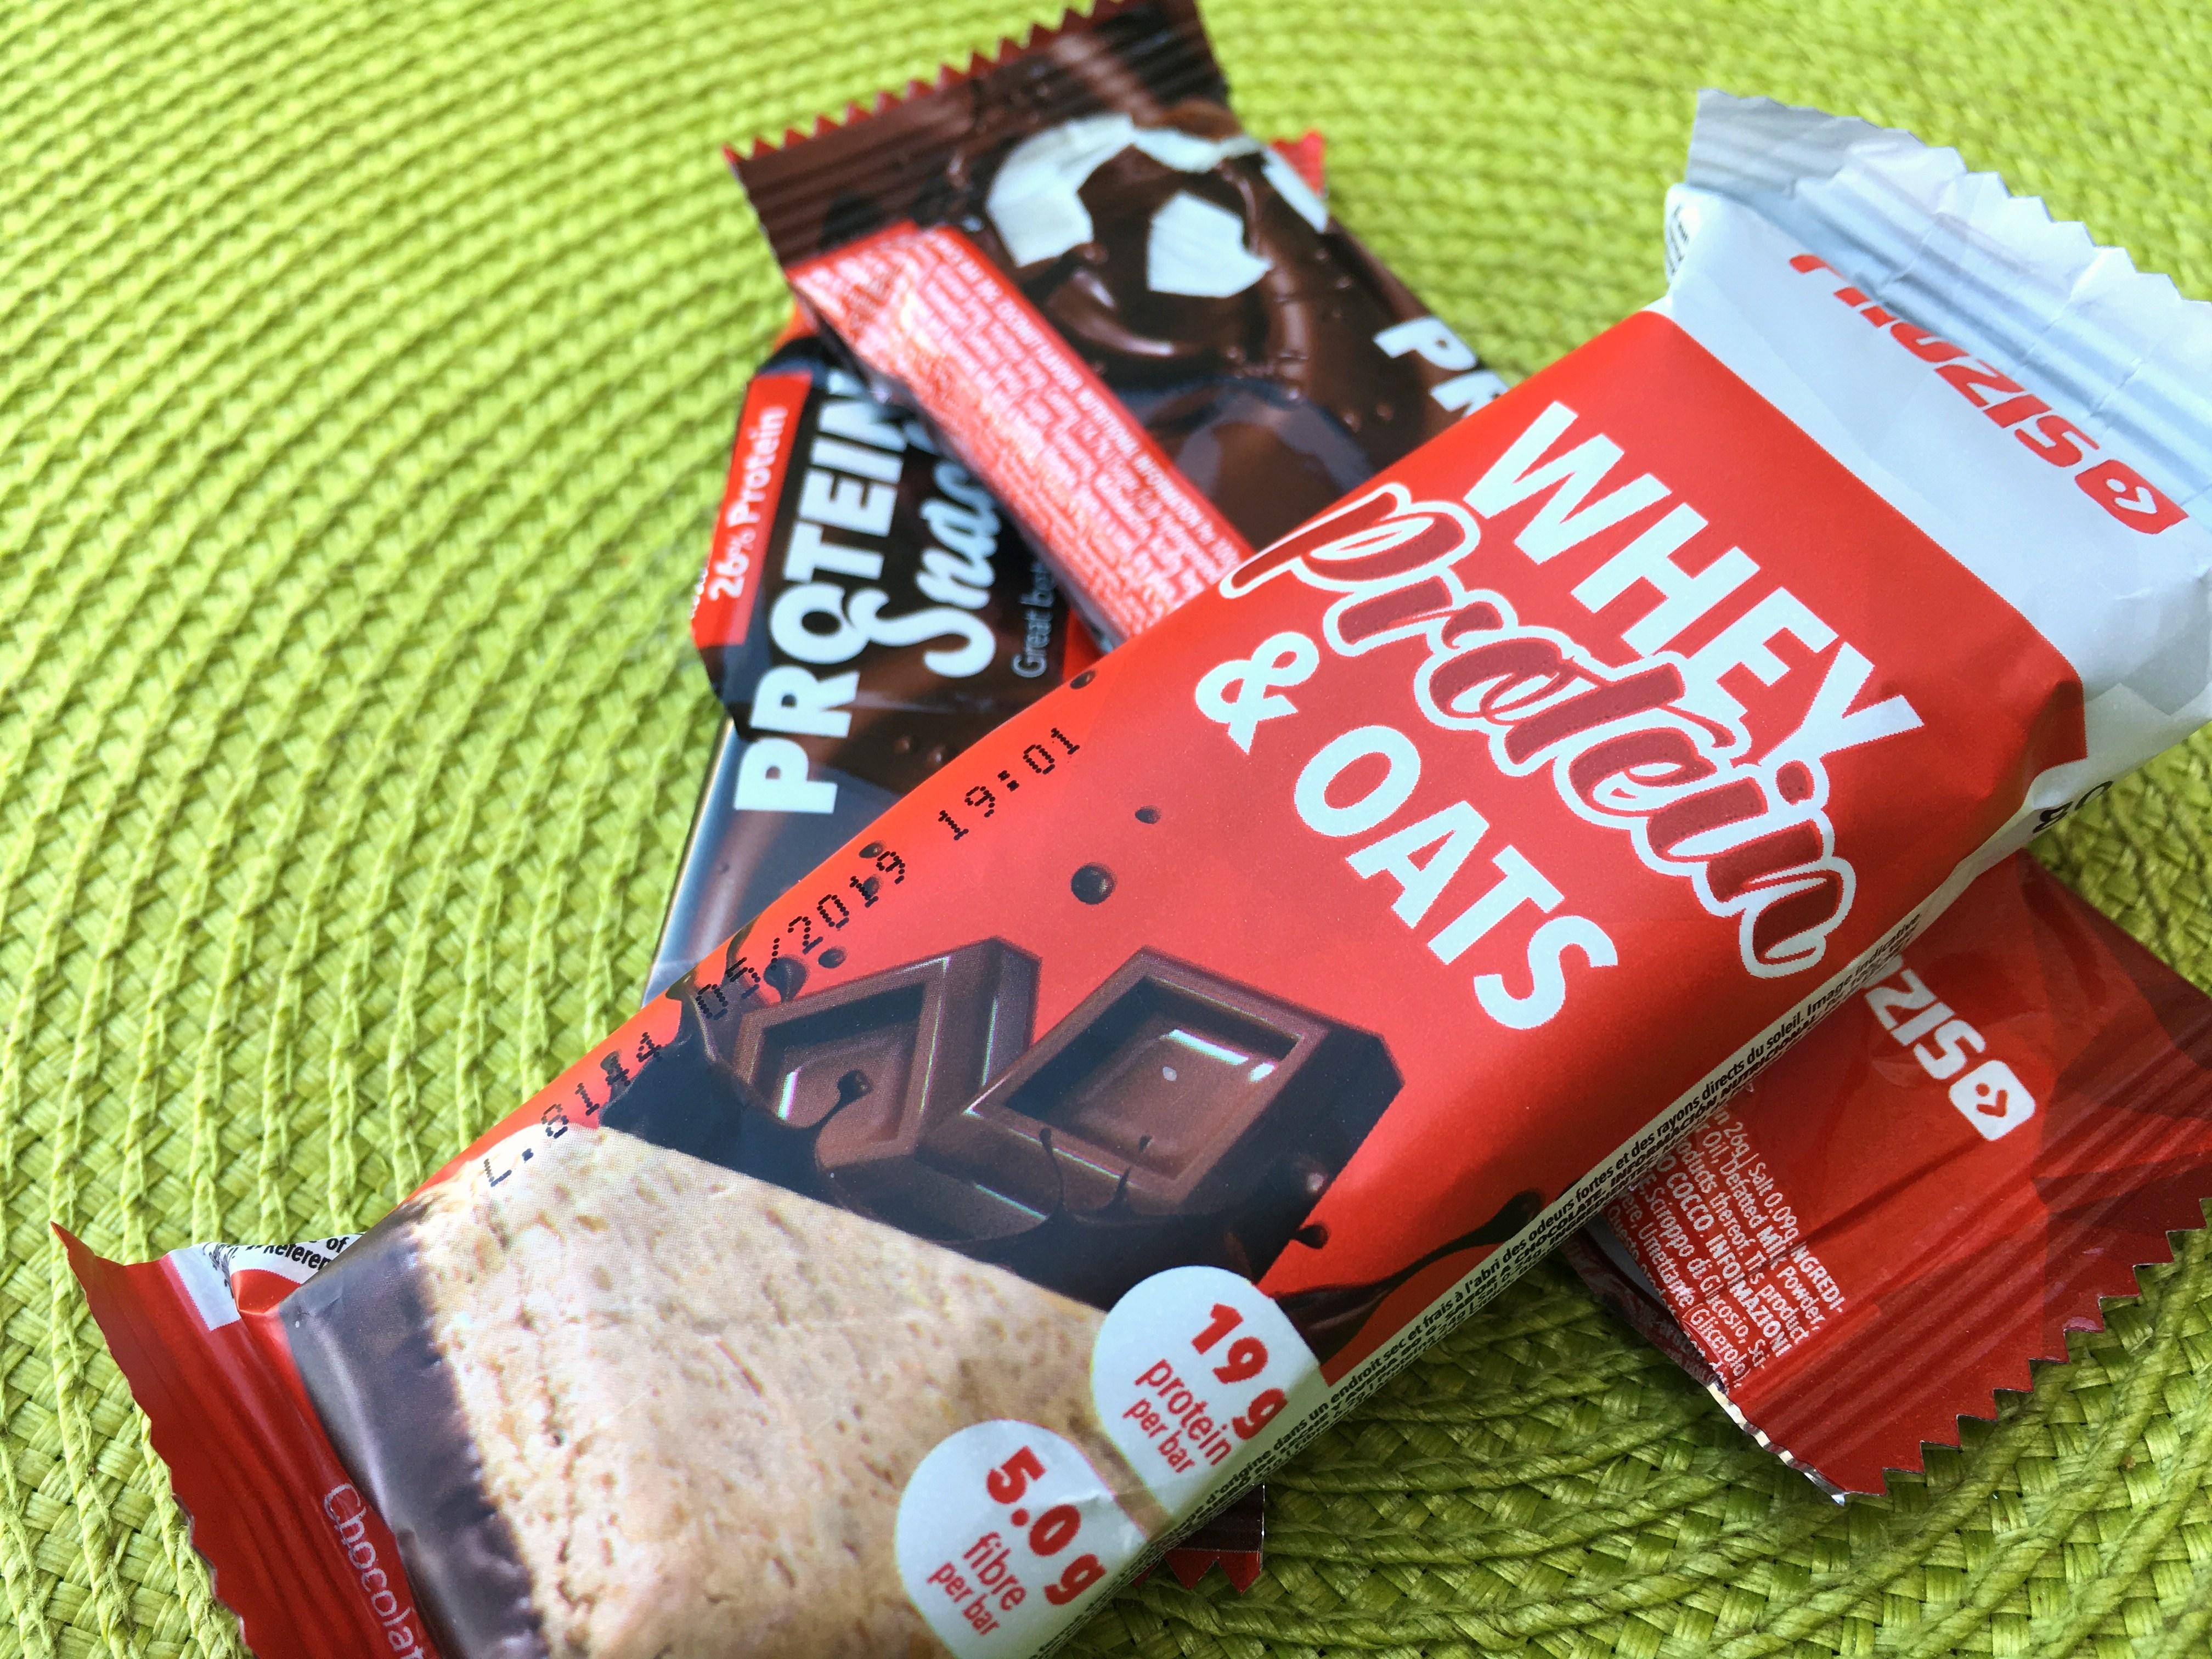 Barras Proteicas de Chocolate - barras prozis